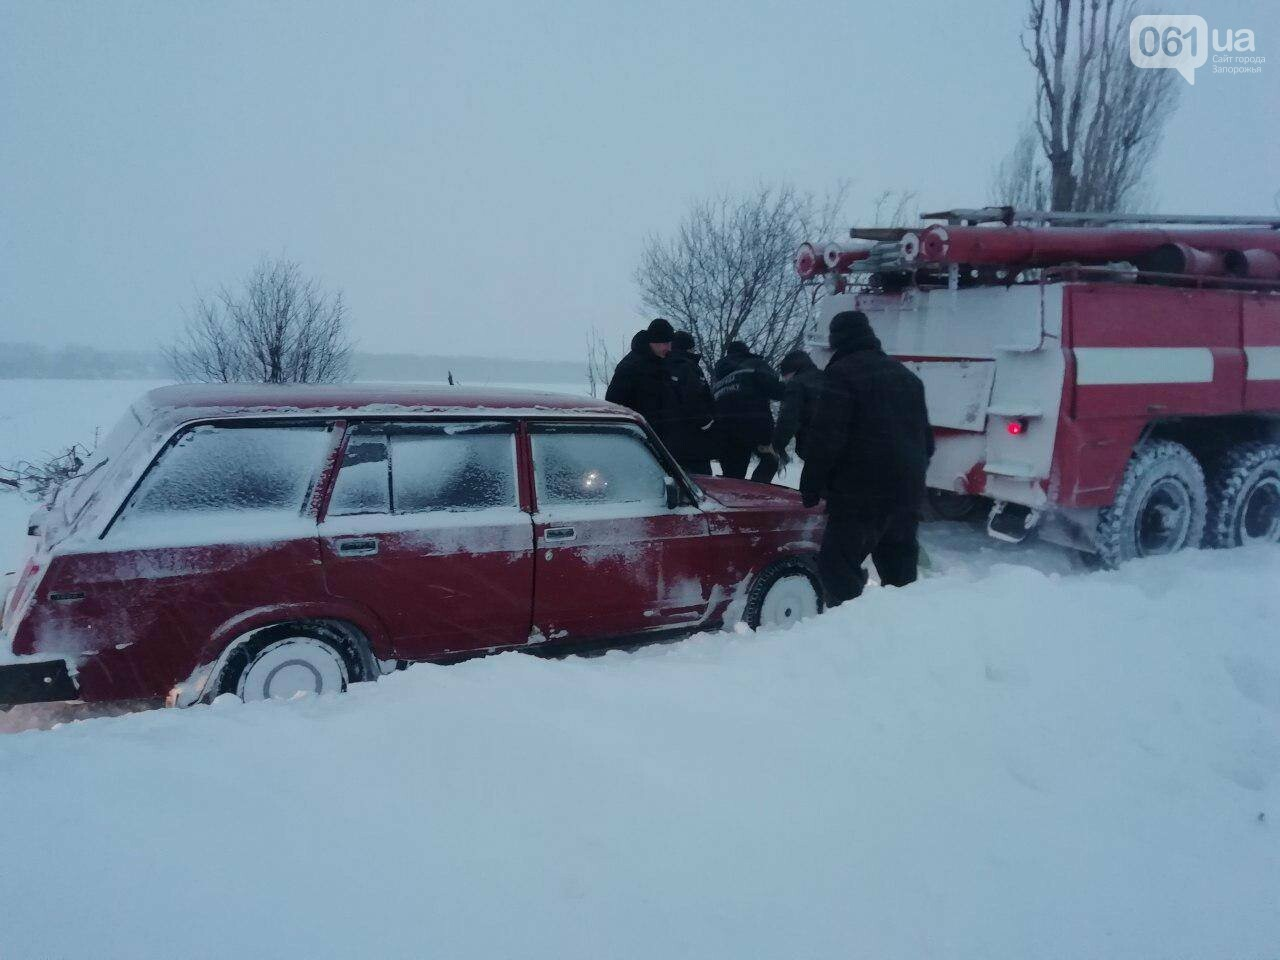 В Запорожской области за 4 суток из снега вытащили 192 машины, спасены 453 человека, - ФОТО, ВИДЕО, фото-1